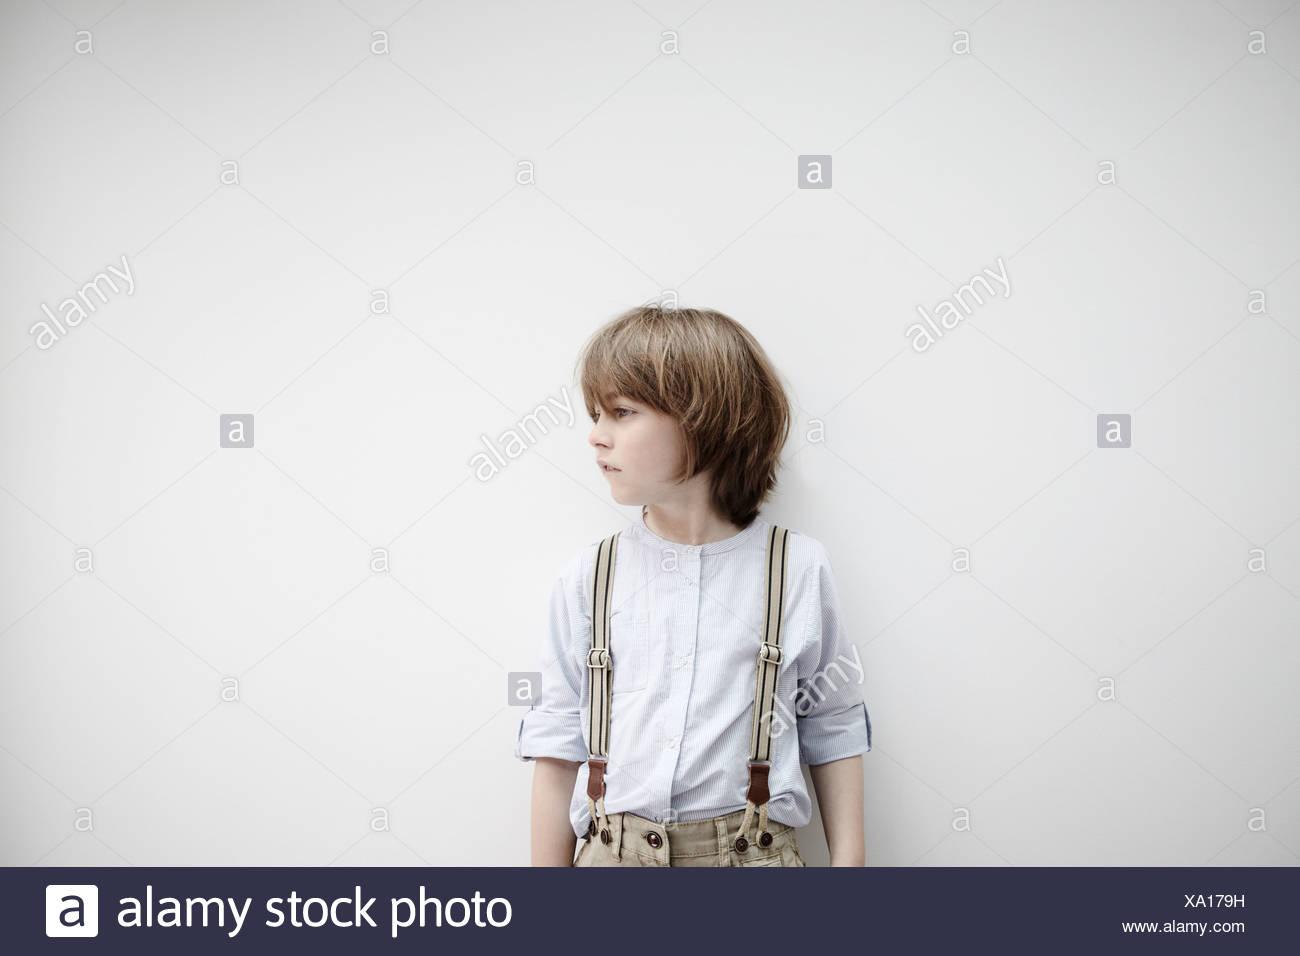 Niño de pie contra la pared blanca Imagen De Stock